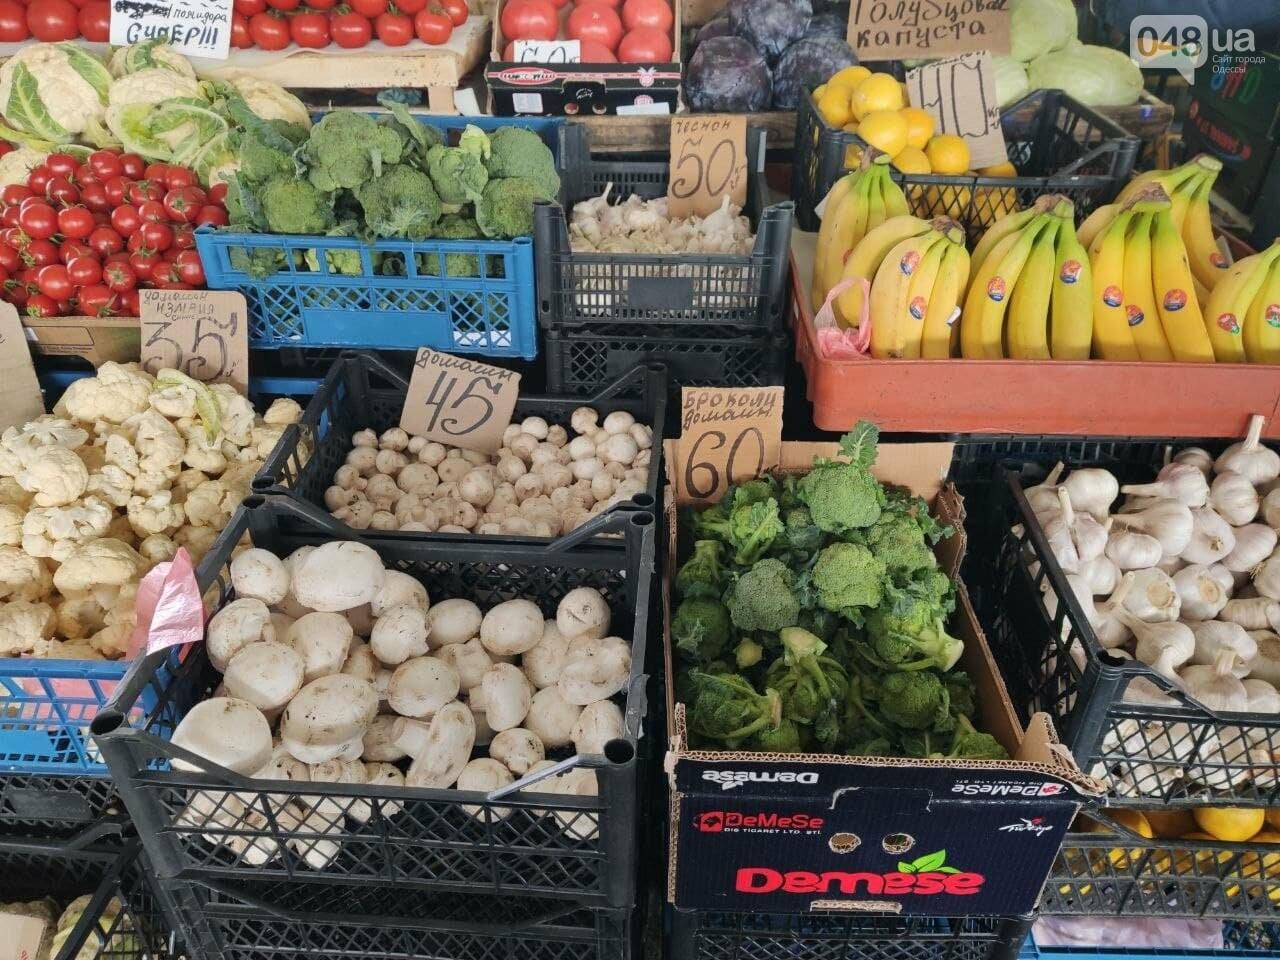 Авокадо, королевские шампиньоны, чили: почем на одесском Привозе овощи и фрукты, - ФОТО, фото-1